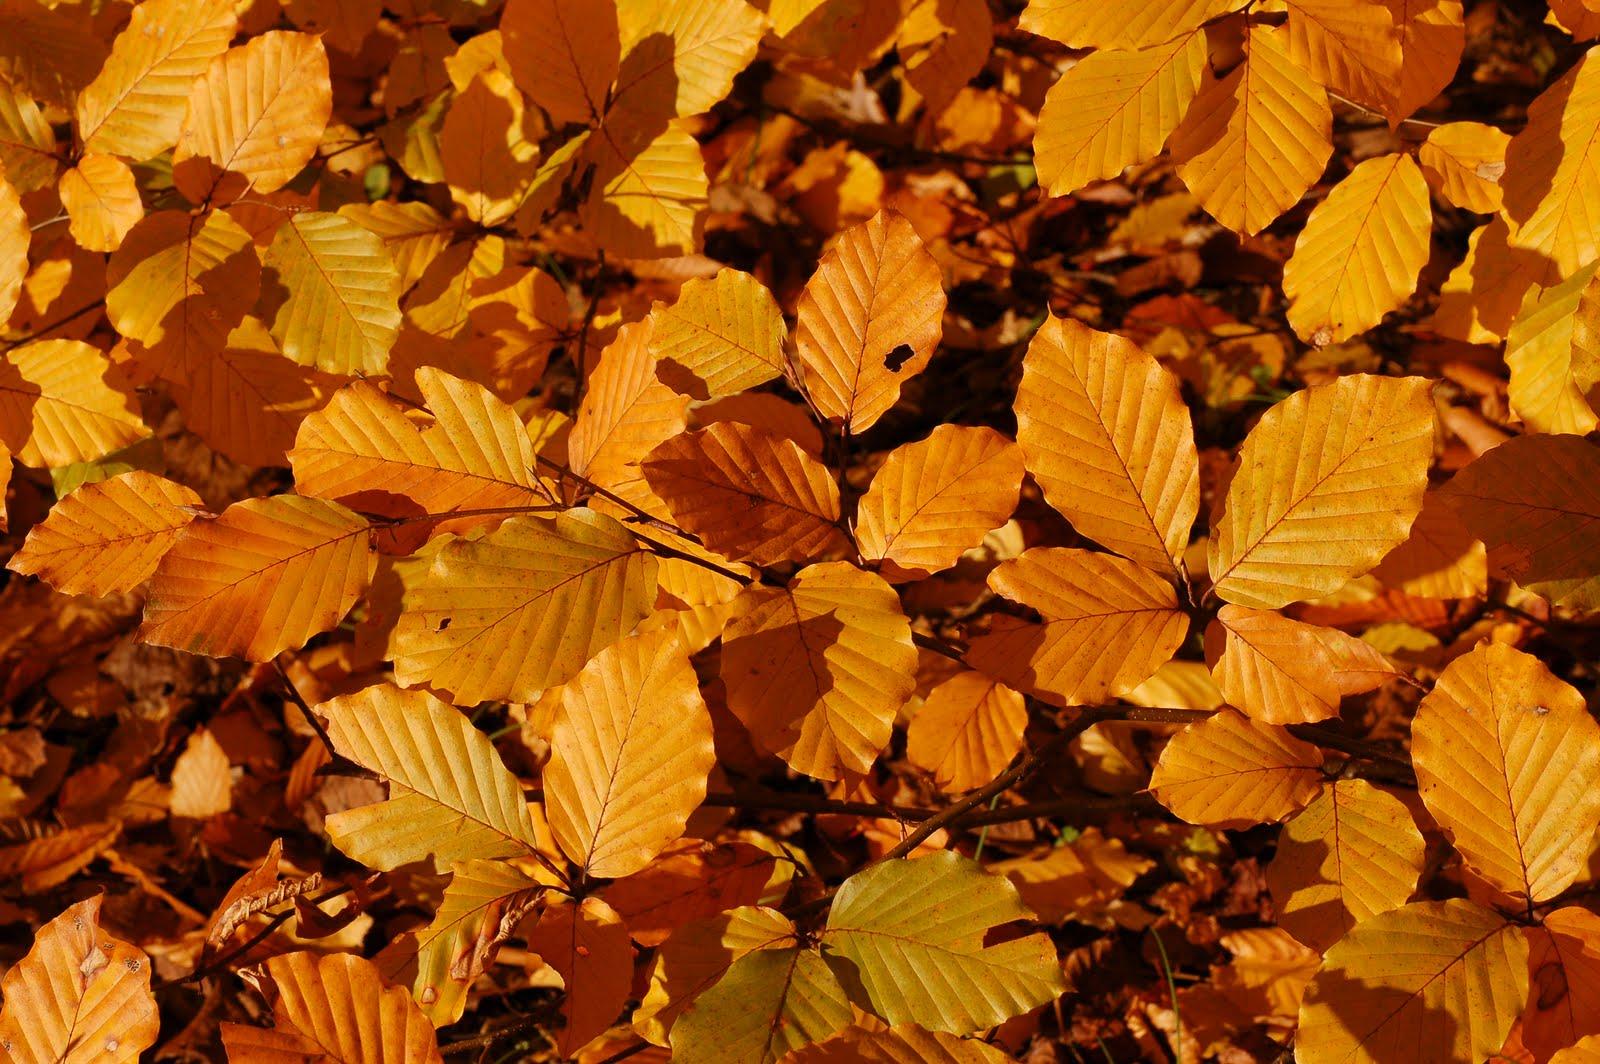 http://4.bp.blogspot.com/_ZueG3OvW8_k/TIwAUEP9zlI/AAAAAAAADX4/cK8aVERq3UM/s1600/Copper_Beech_Fagus_sylvatica_f__purpurea_Autumn_Leaves_Closeup_3008px.jpg